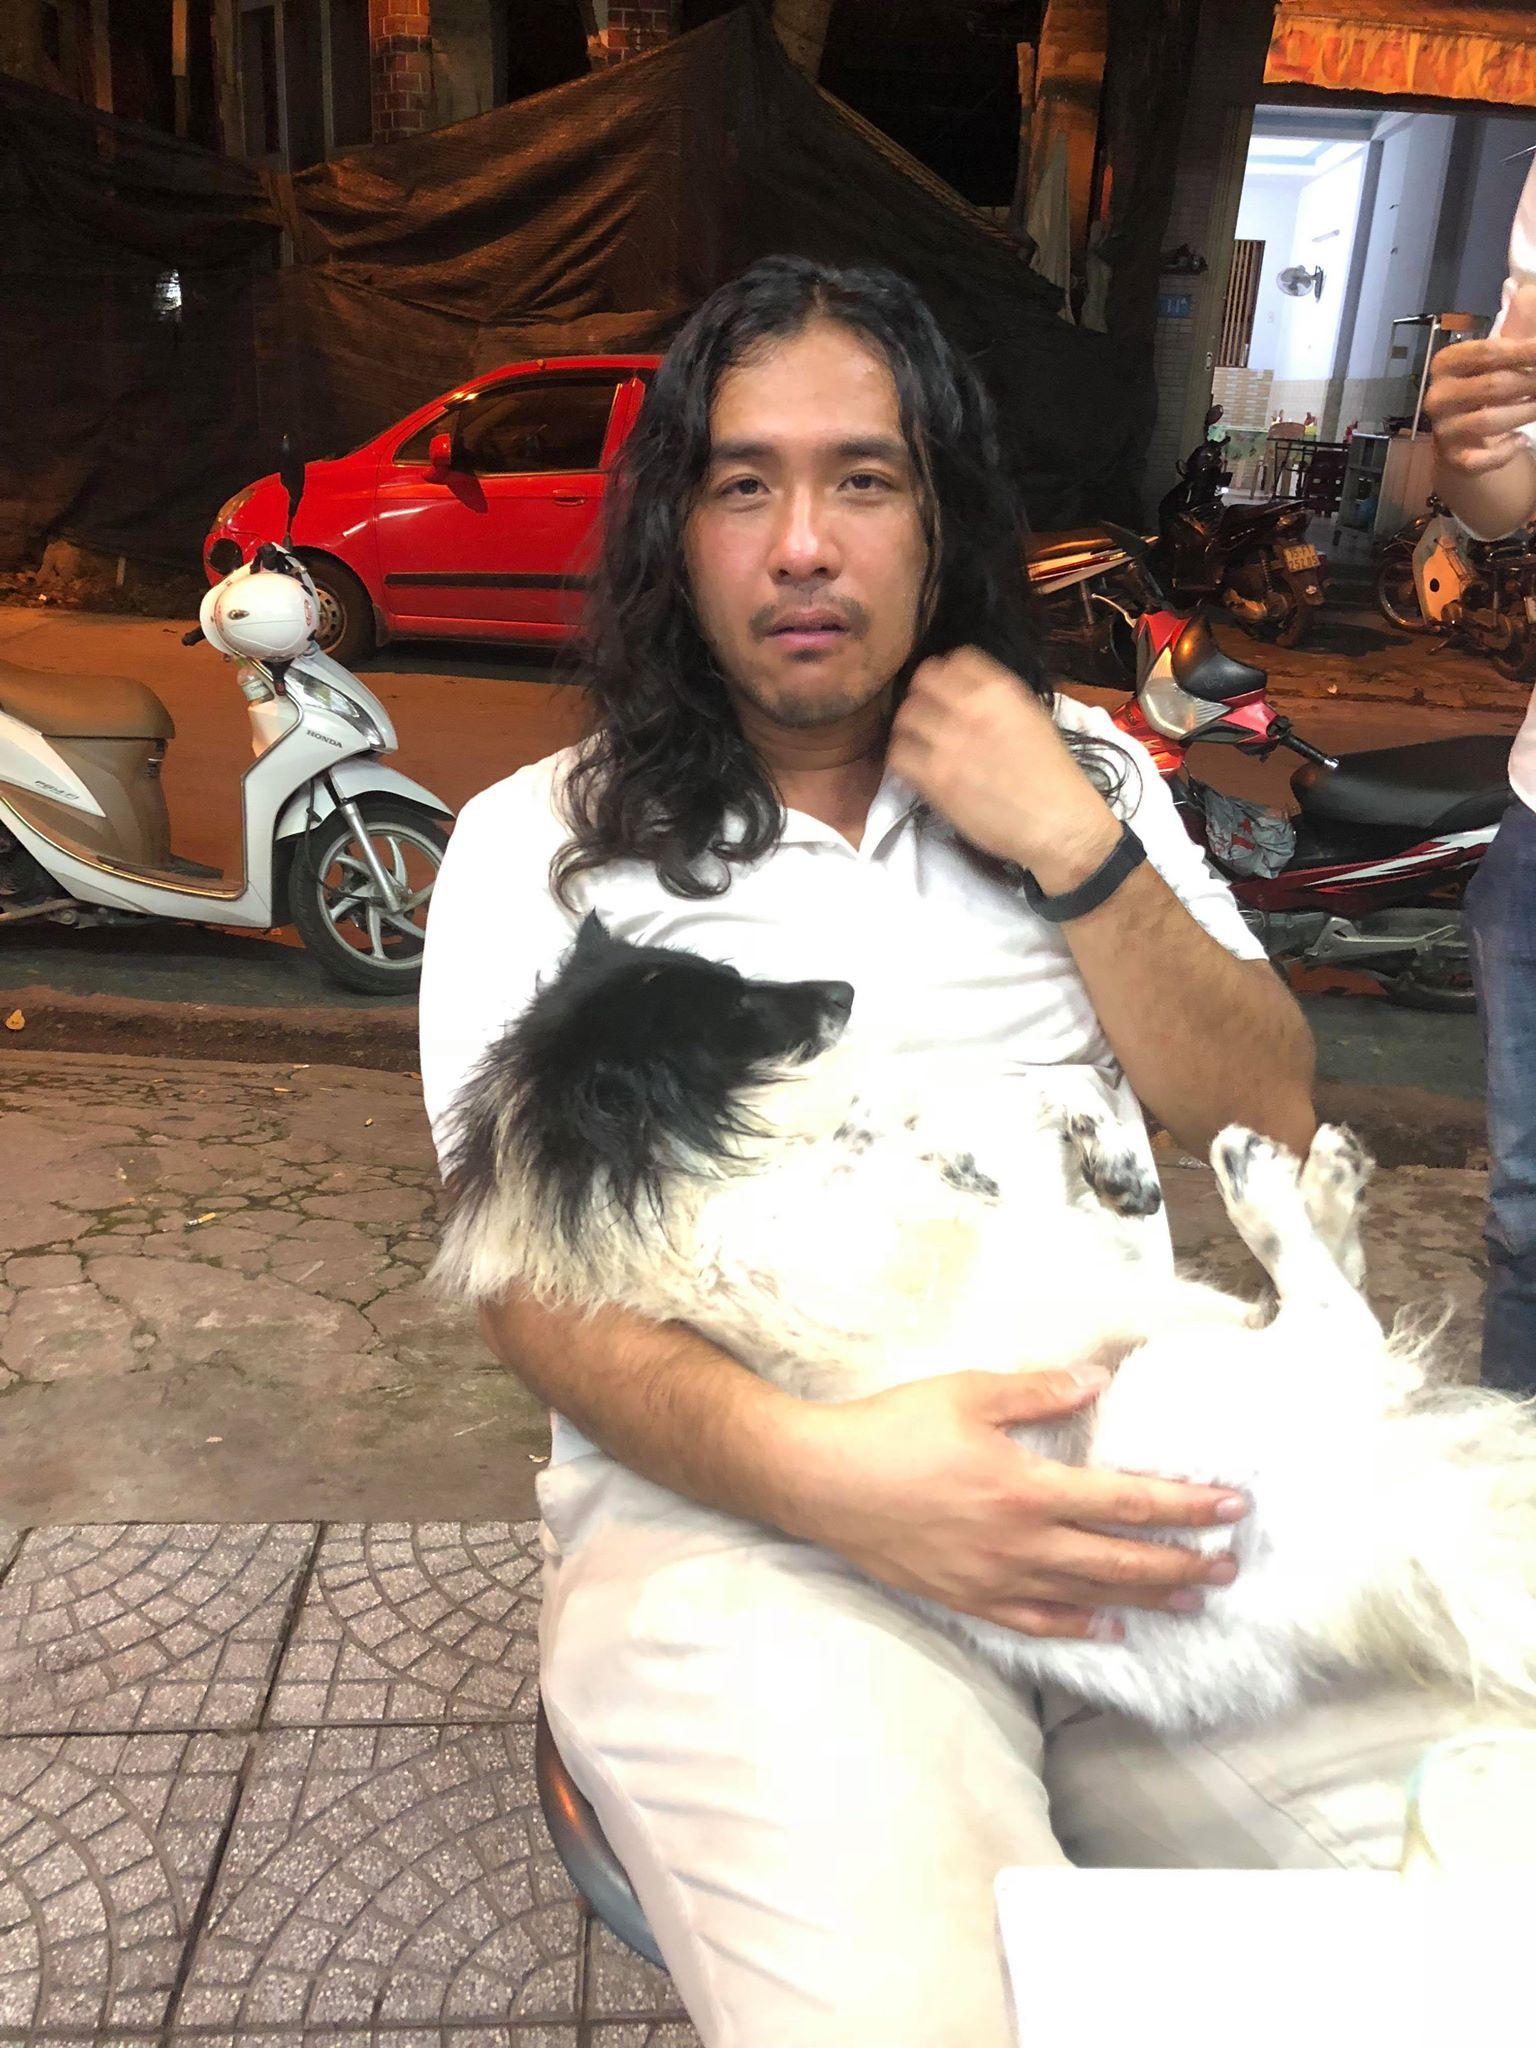 Du khách nước ngoài khóc lóc, nhịn ăn 2 ngày tìm chú chó cưng bị thất lạc ở Huế - Ảnh 1.